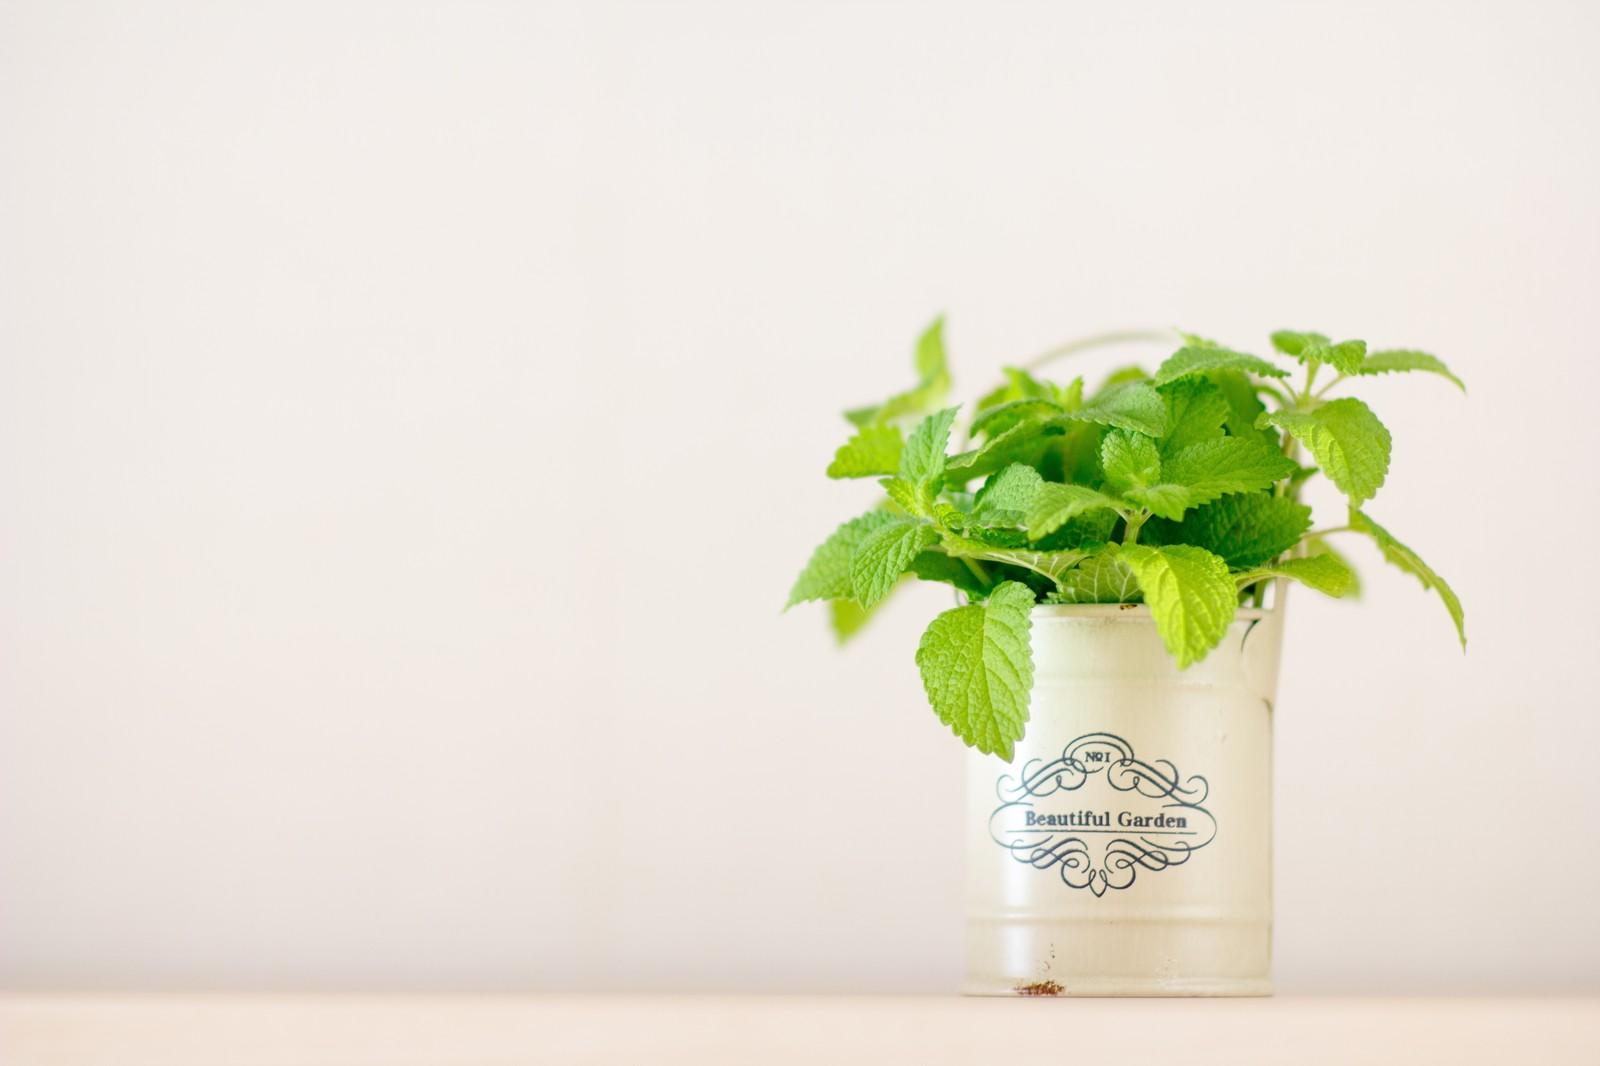 ミニマリストを目指すとなぜだか観葉植物に興味が沸く?